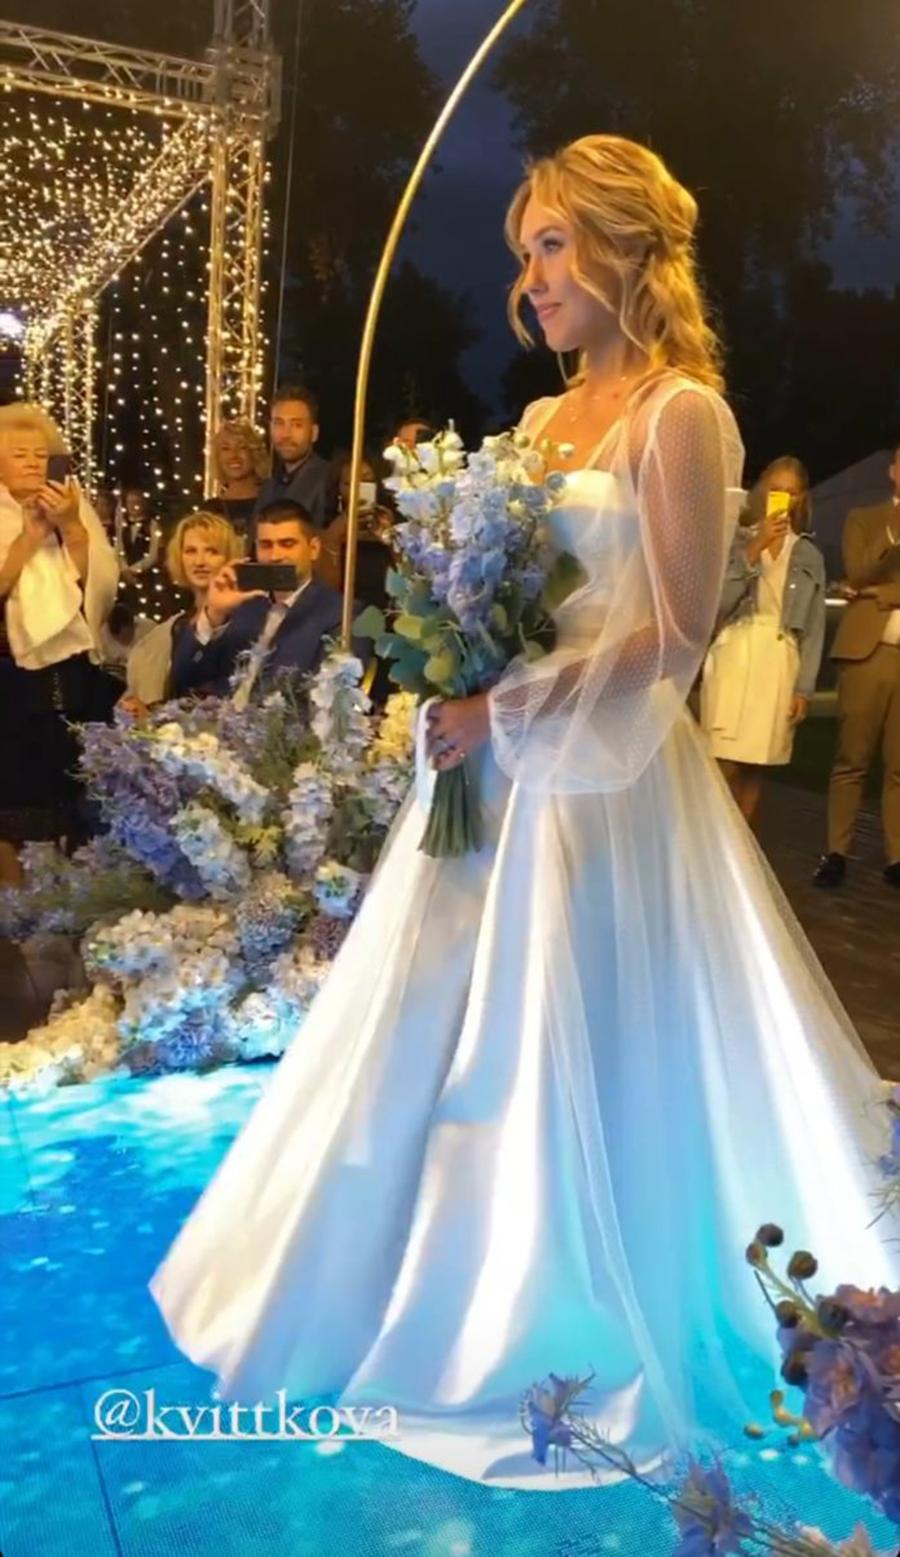 даша квиткова никита добрынин свадьба свадебное платье белое длинное украинские звезды в чем выходят замуж